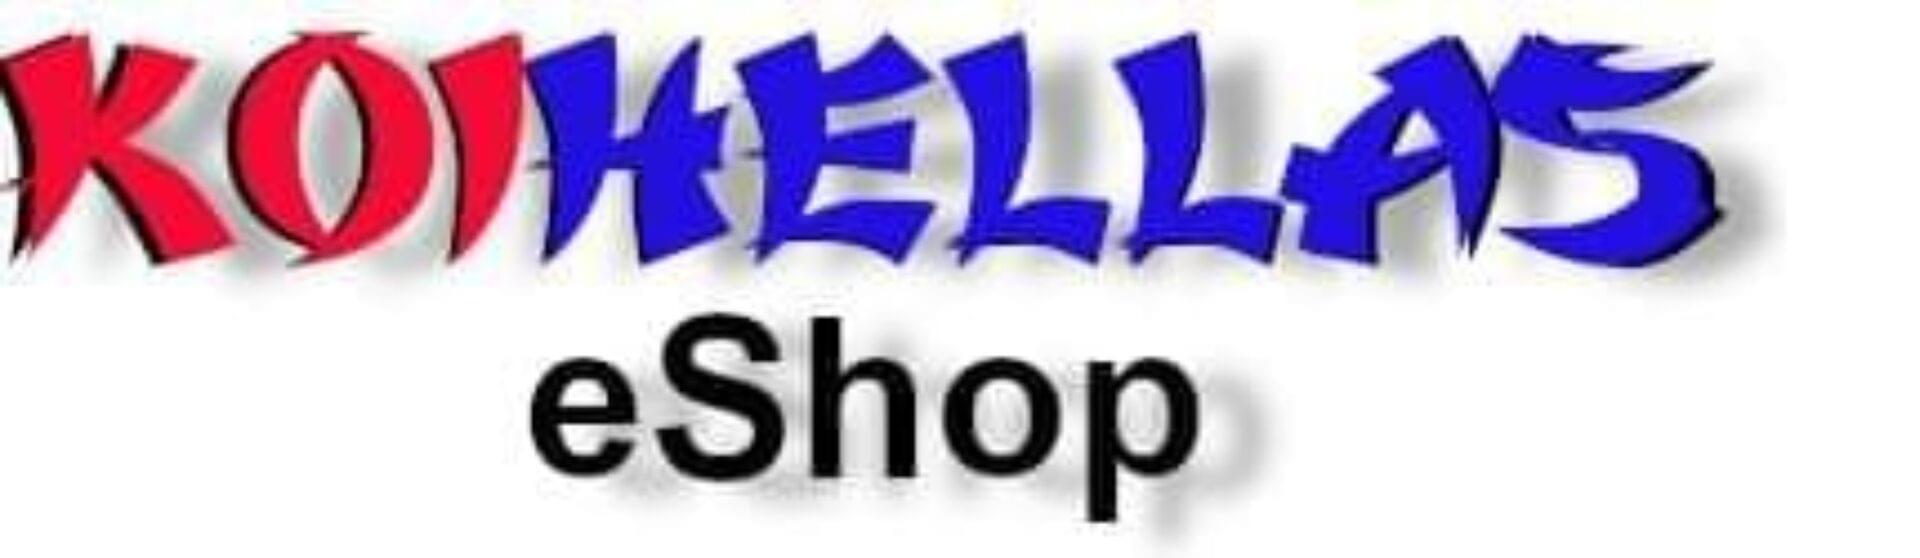 Koihellas Logo